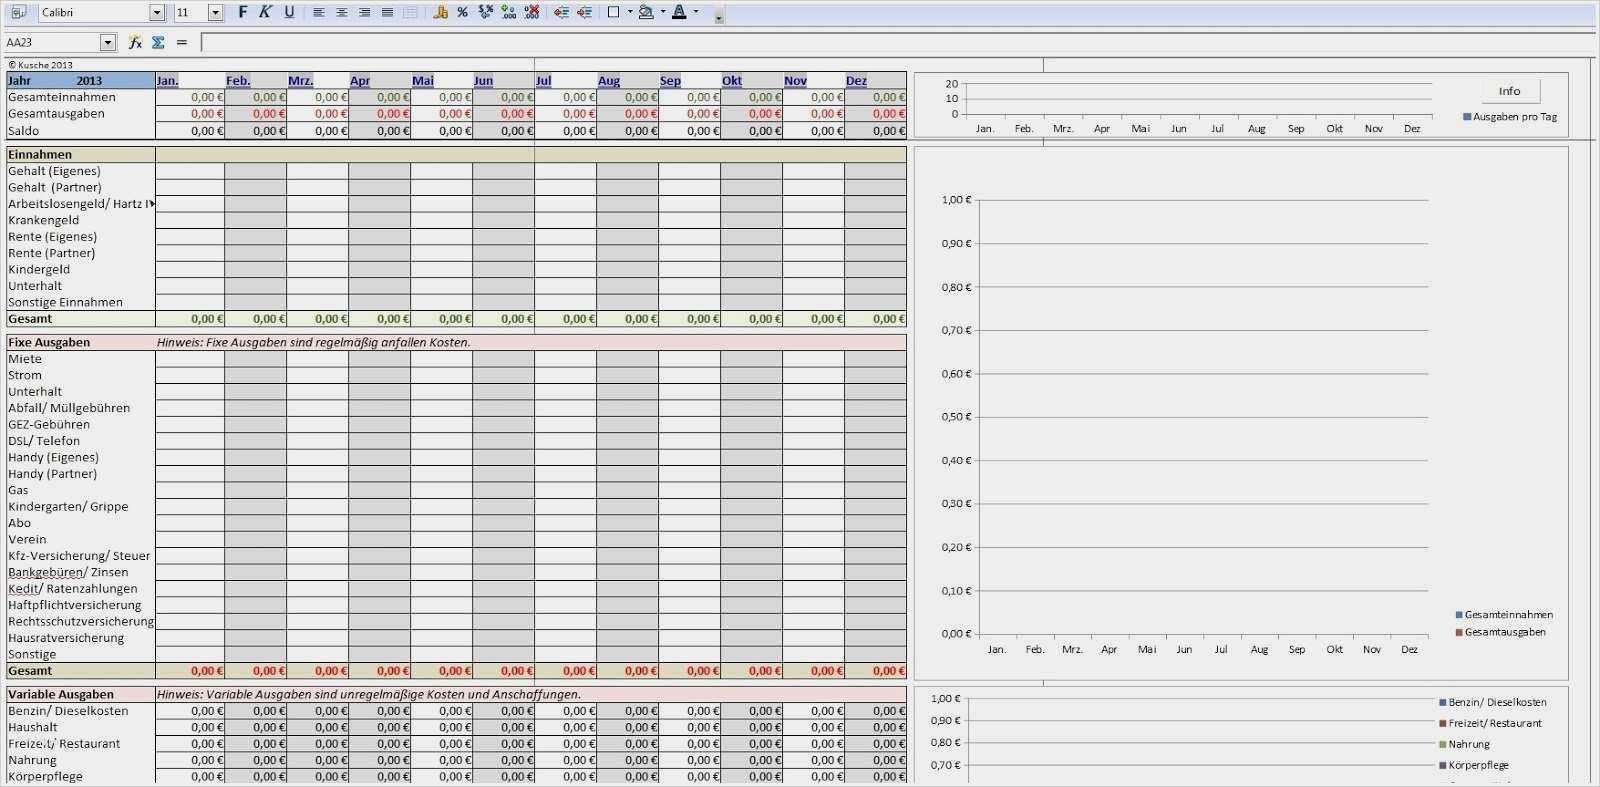 30 Schon Haushaltsbuch Excel Vorlage Kostenlos 2018 Bilder Haushaltsbuch Excel Vorlage Haushaltsbuch Vorlage Haushaltsbuch Excel